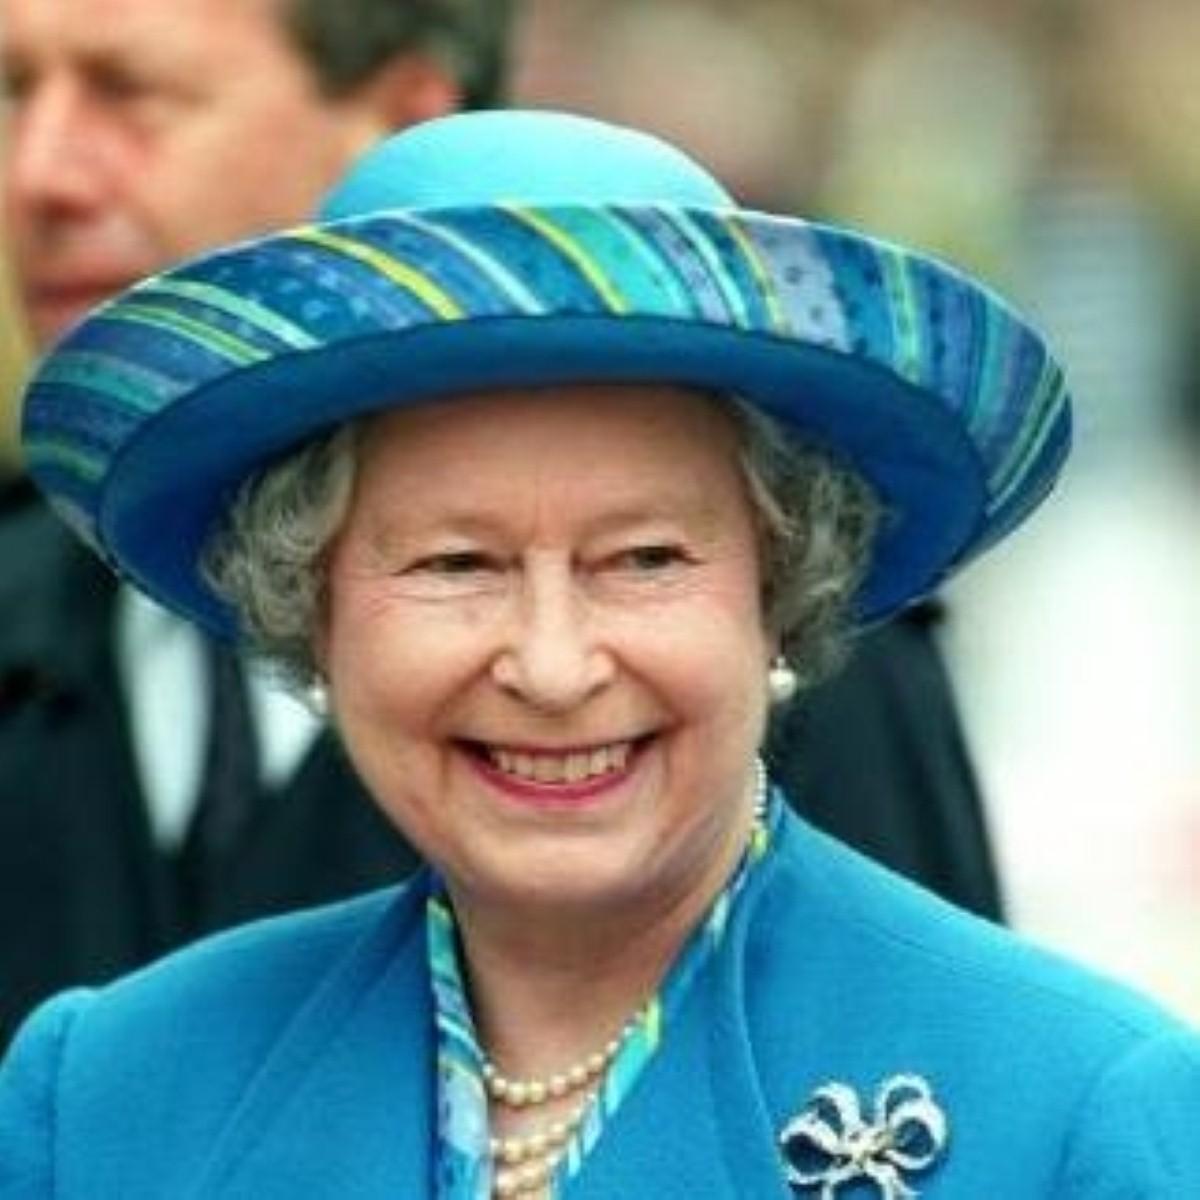 Queen to have knee op